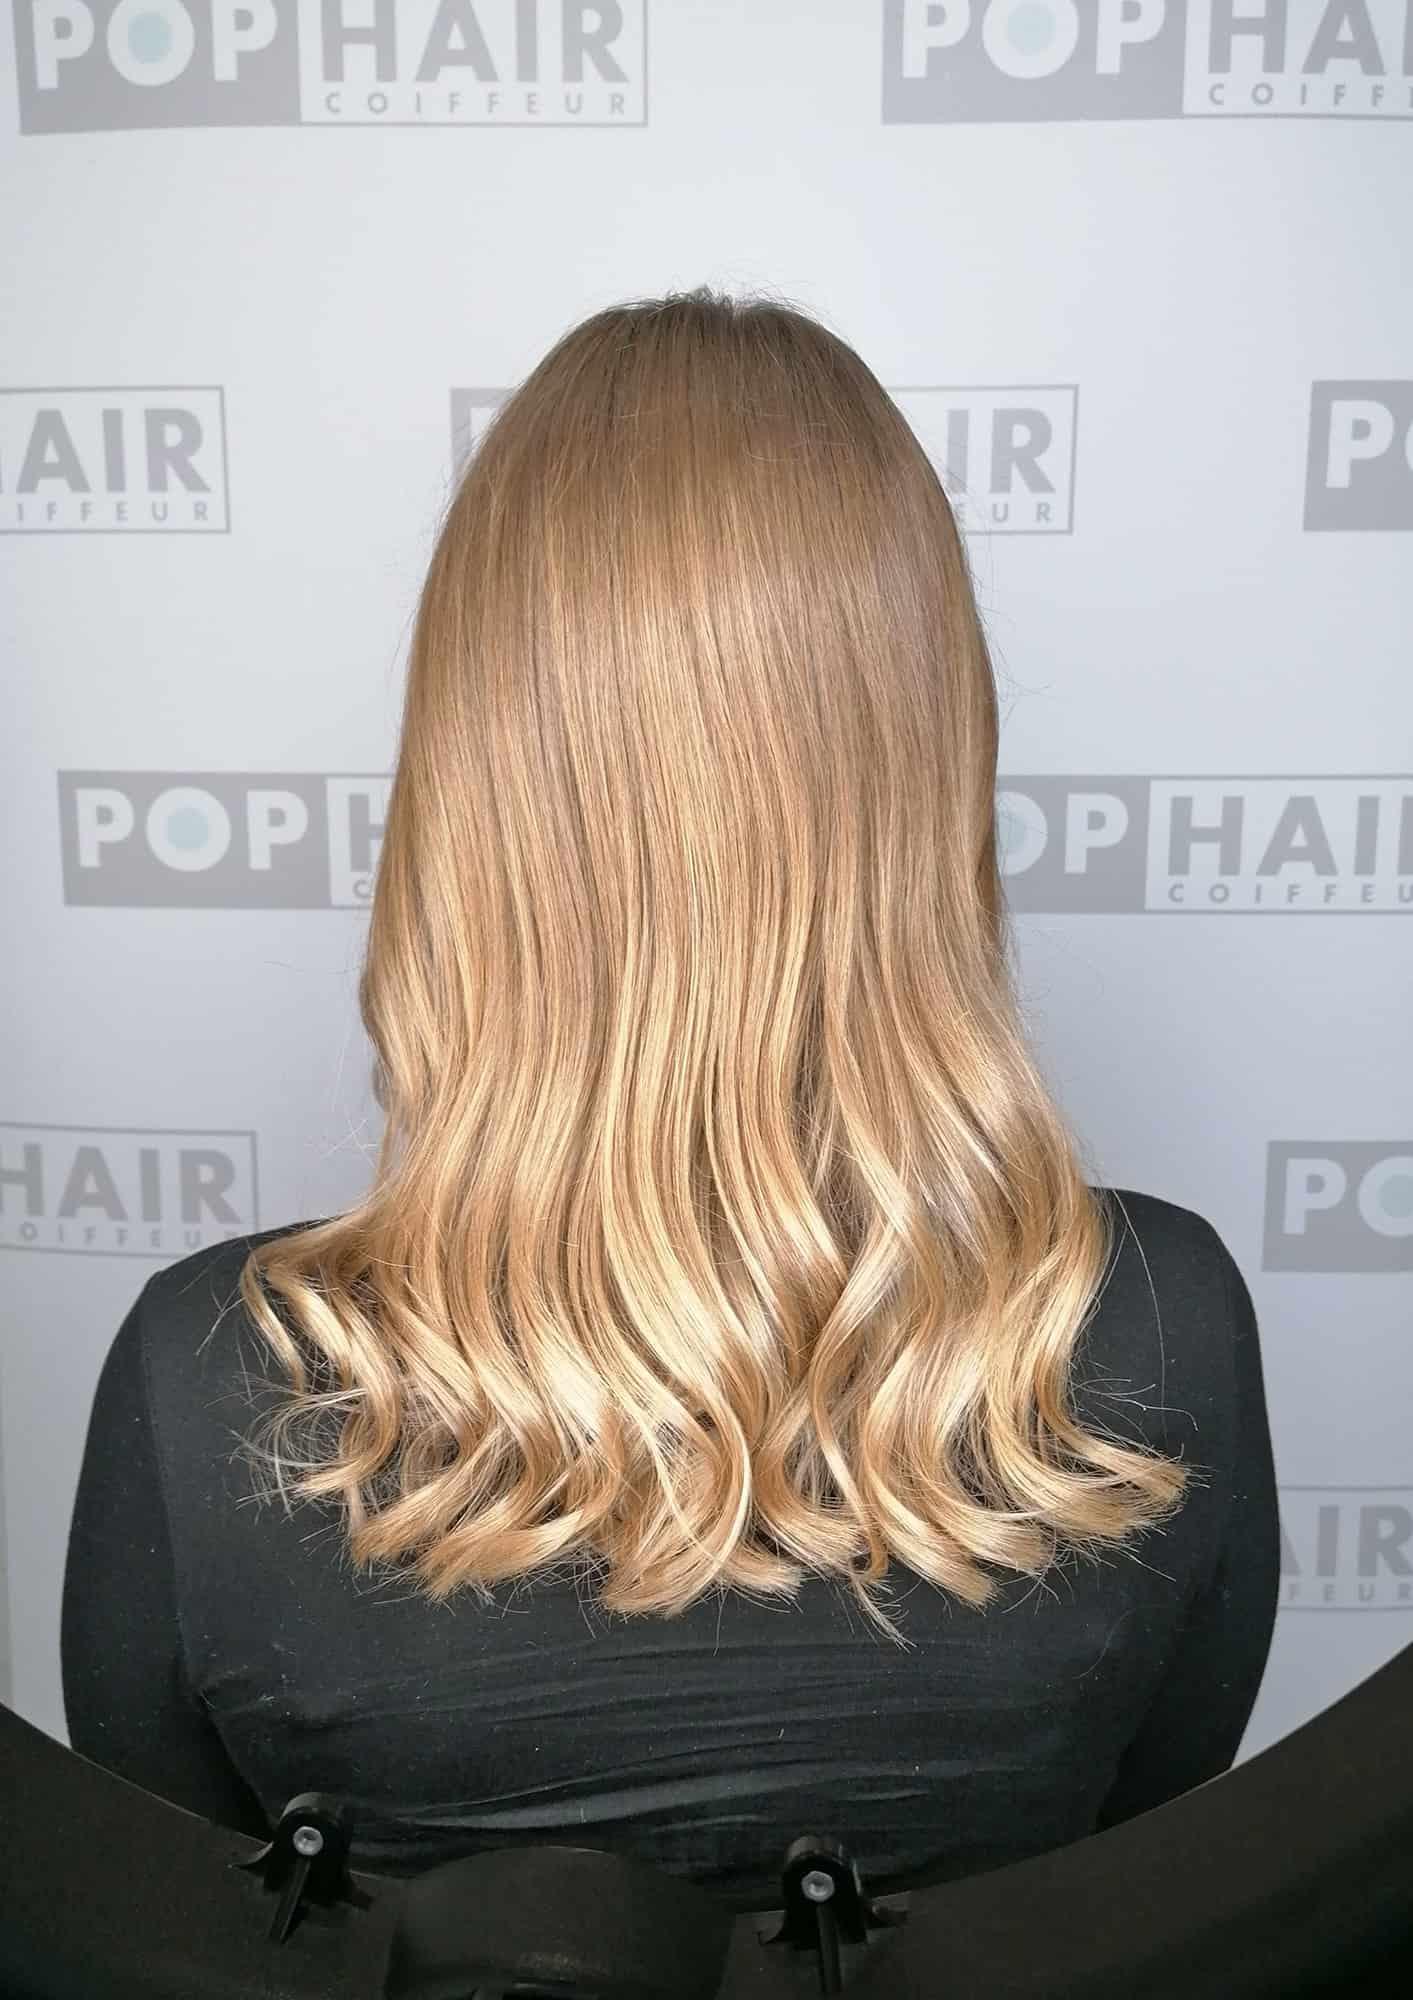 Erste-Blondierung-fuer-Alexandra